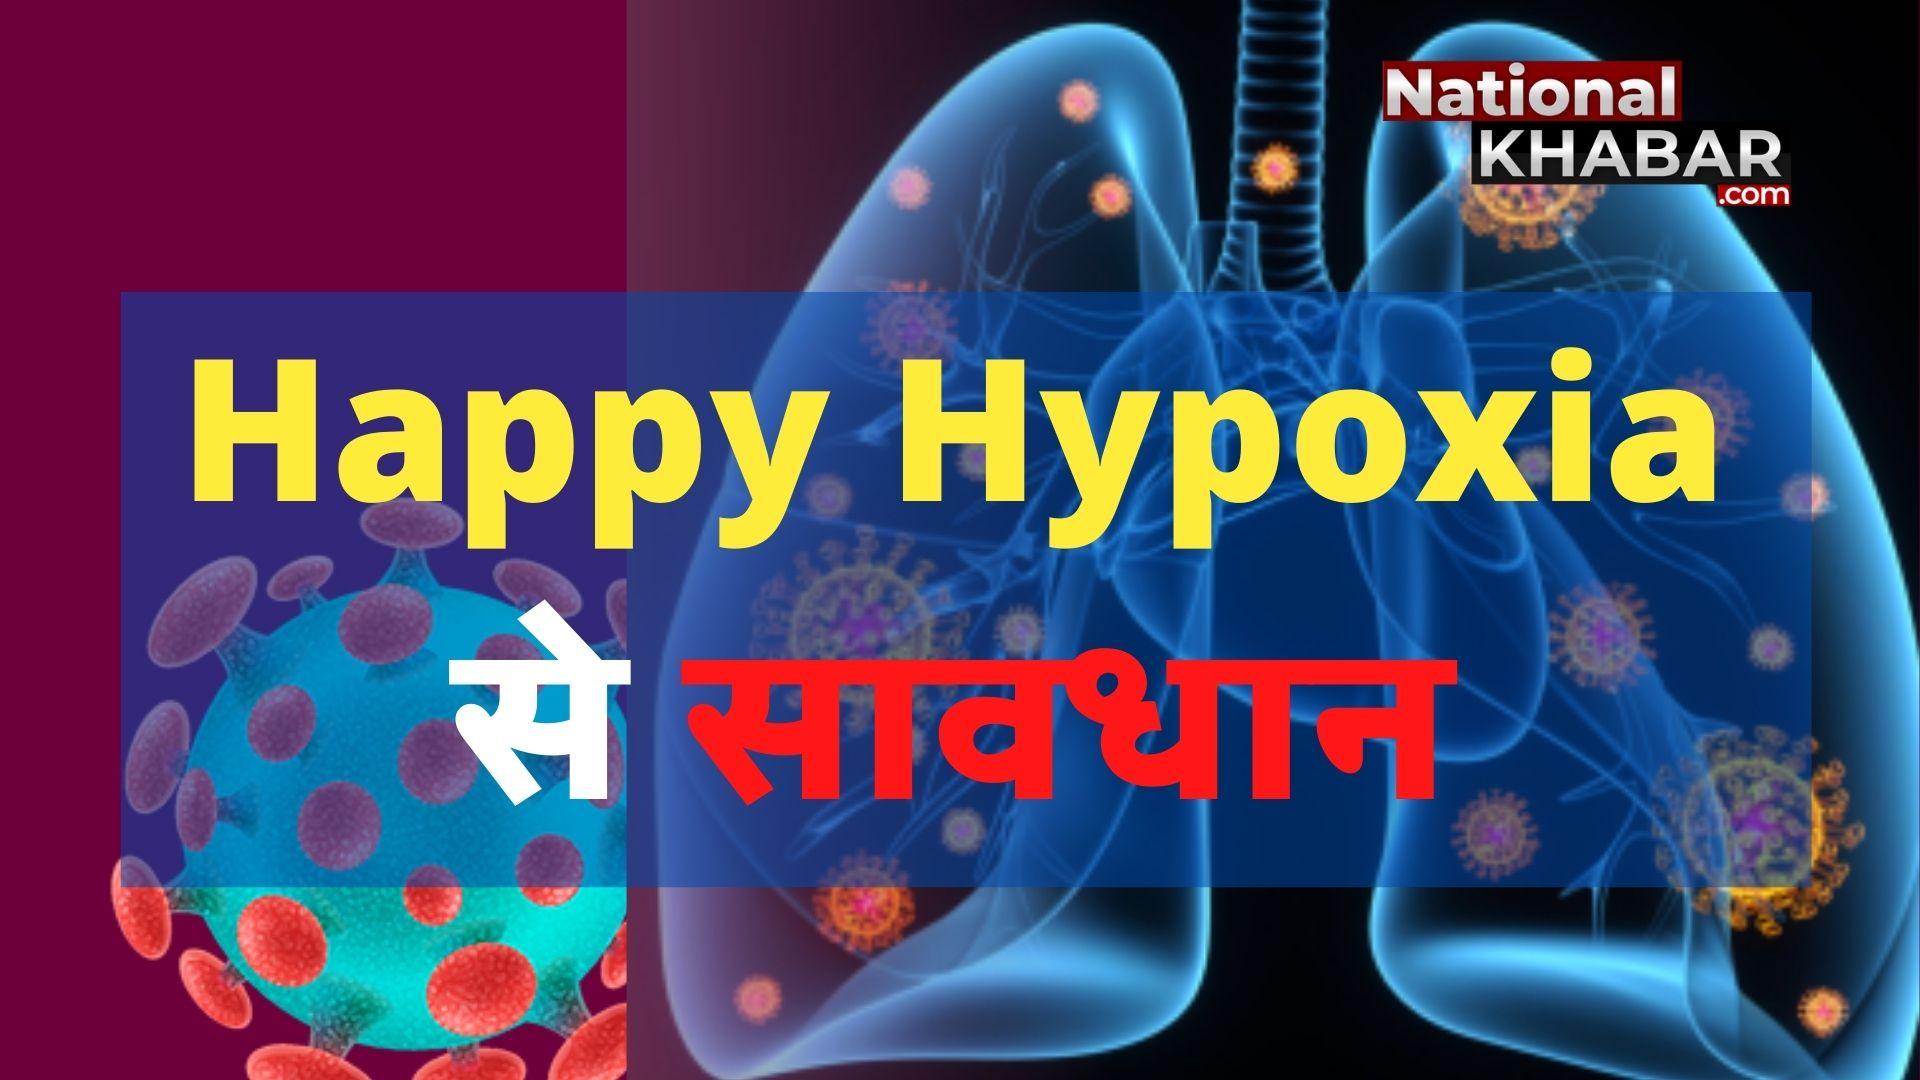 Happy Hypoxia: ऑक्सीजन लेवल कम होगा लेकिन पता भी नहीं चलेगा, और फिर खामोशी से ले लेगा जान